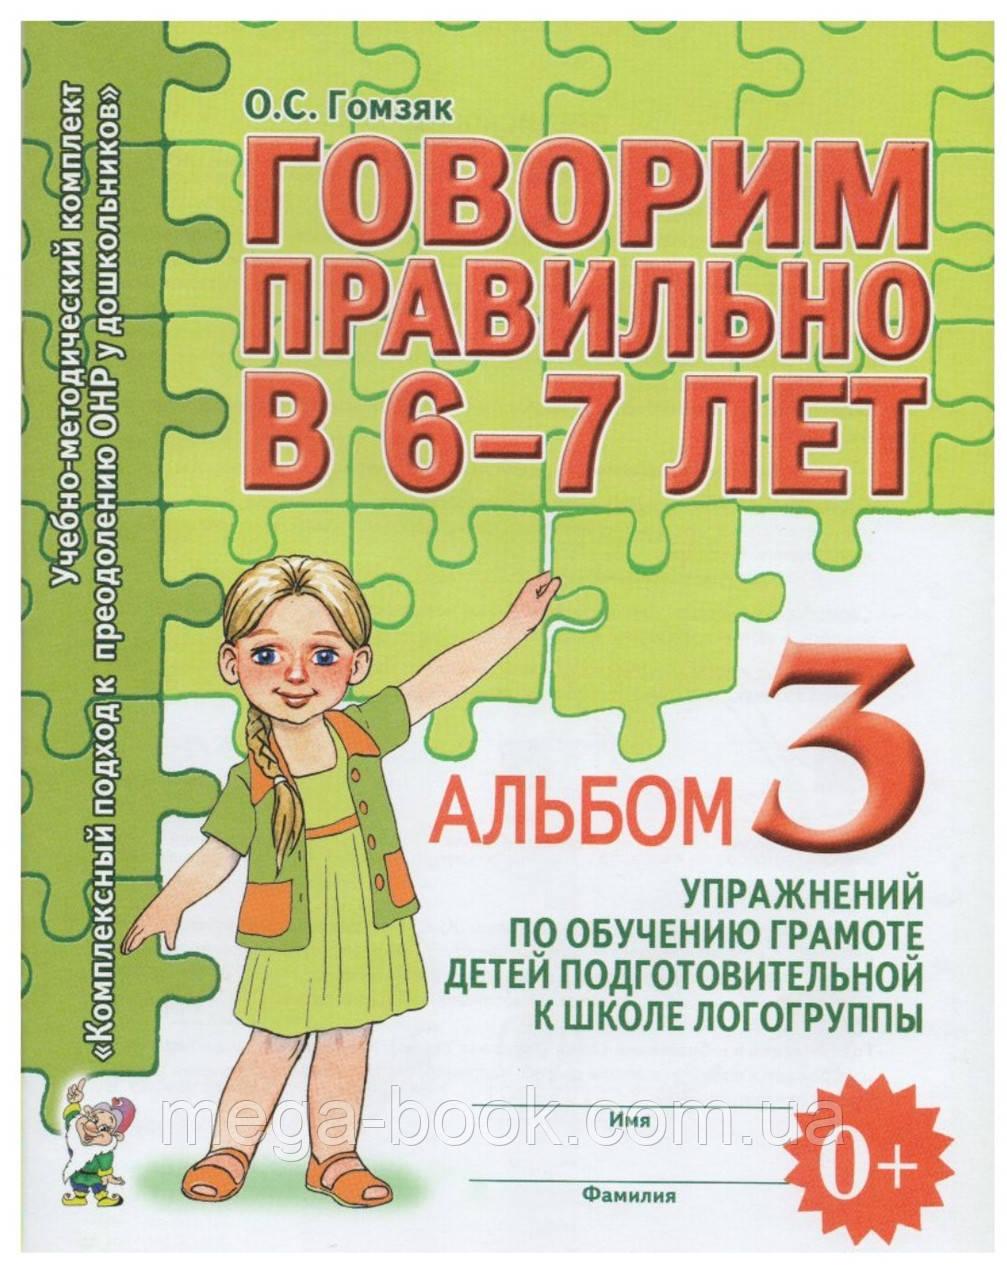 Говорим правильно в 6-7 лет. Альбом 3 упражнений по обучению грамоте детей подготовит. логогруппы. Гомзяк